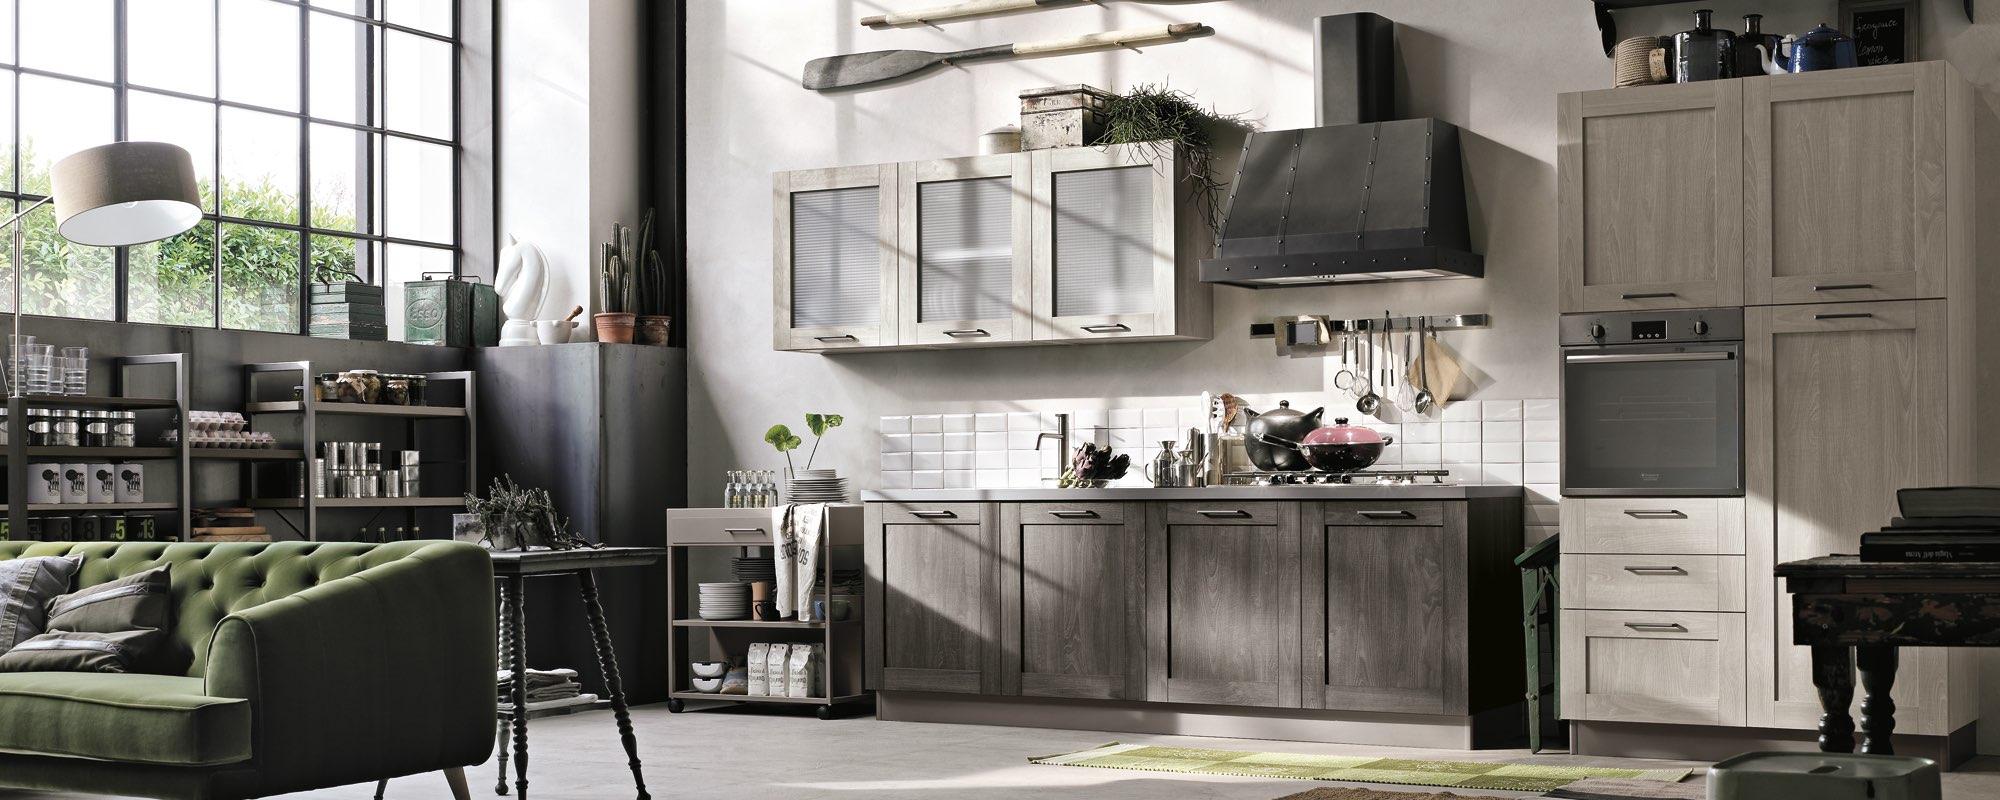 arredamento per cucina moderna -City